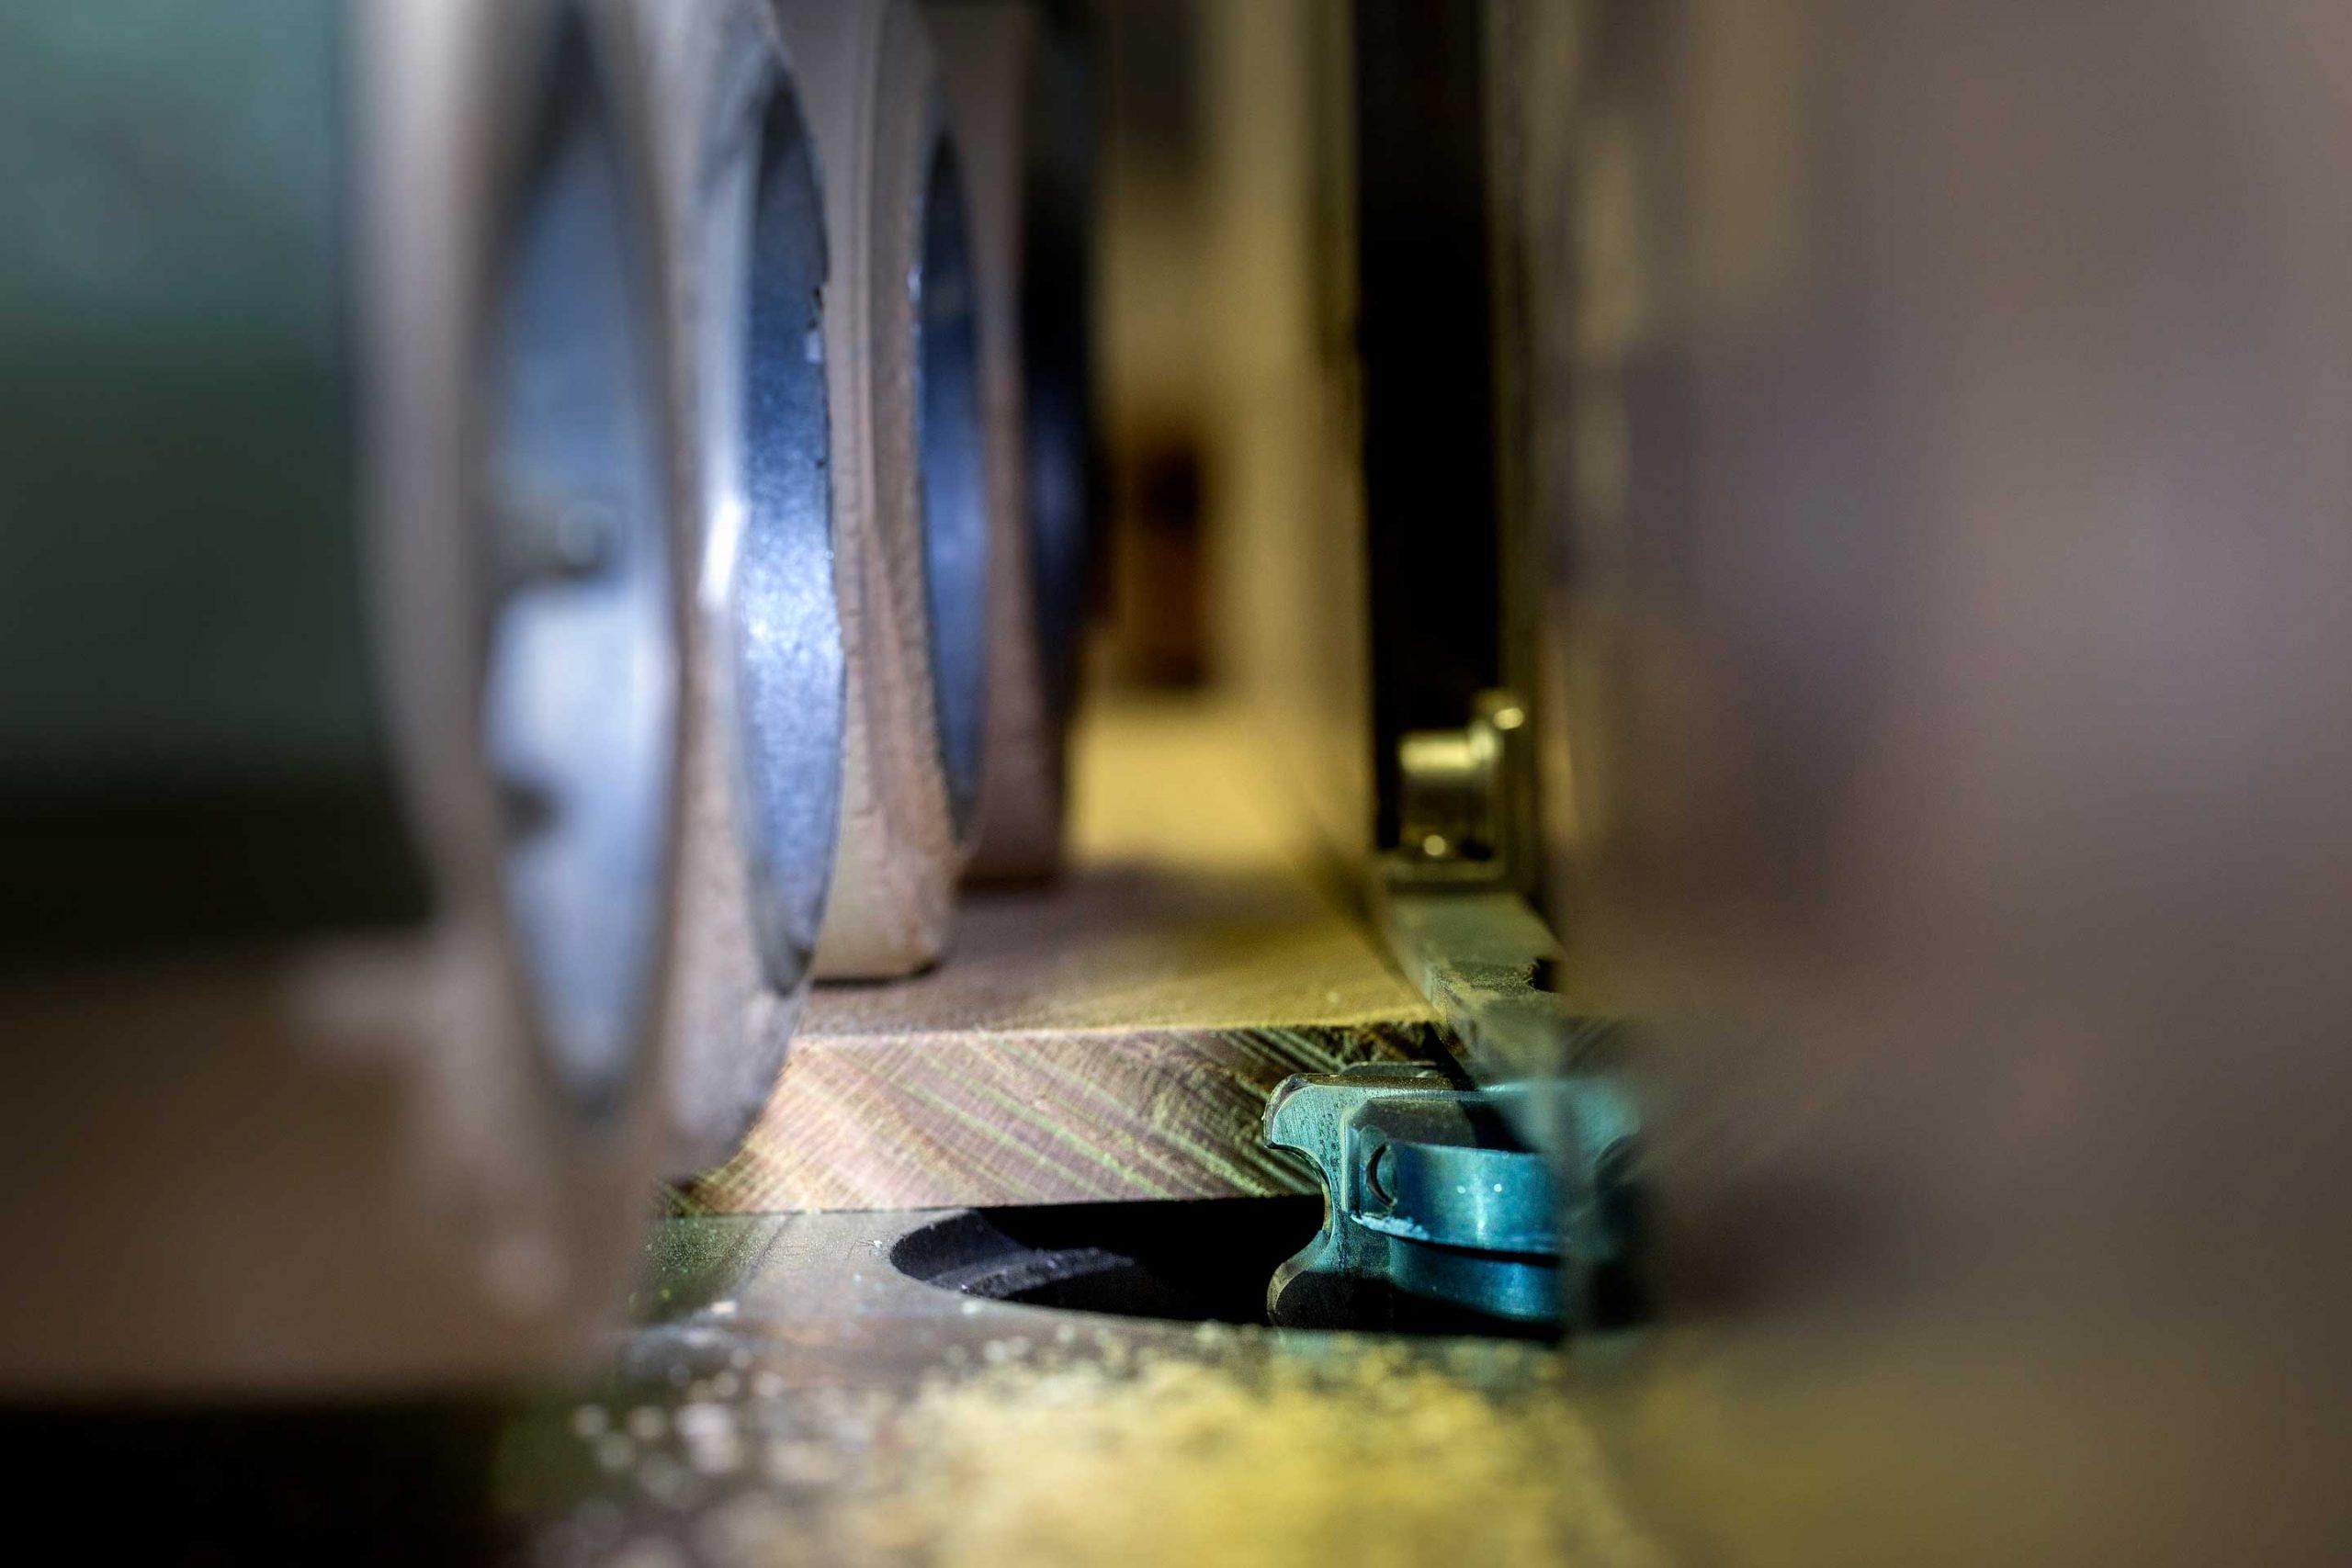 Industriefotografie in Produktionshalle